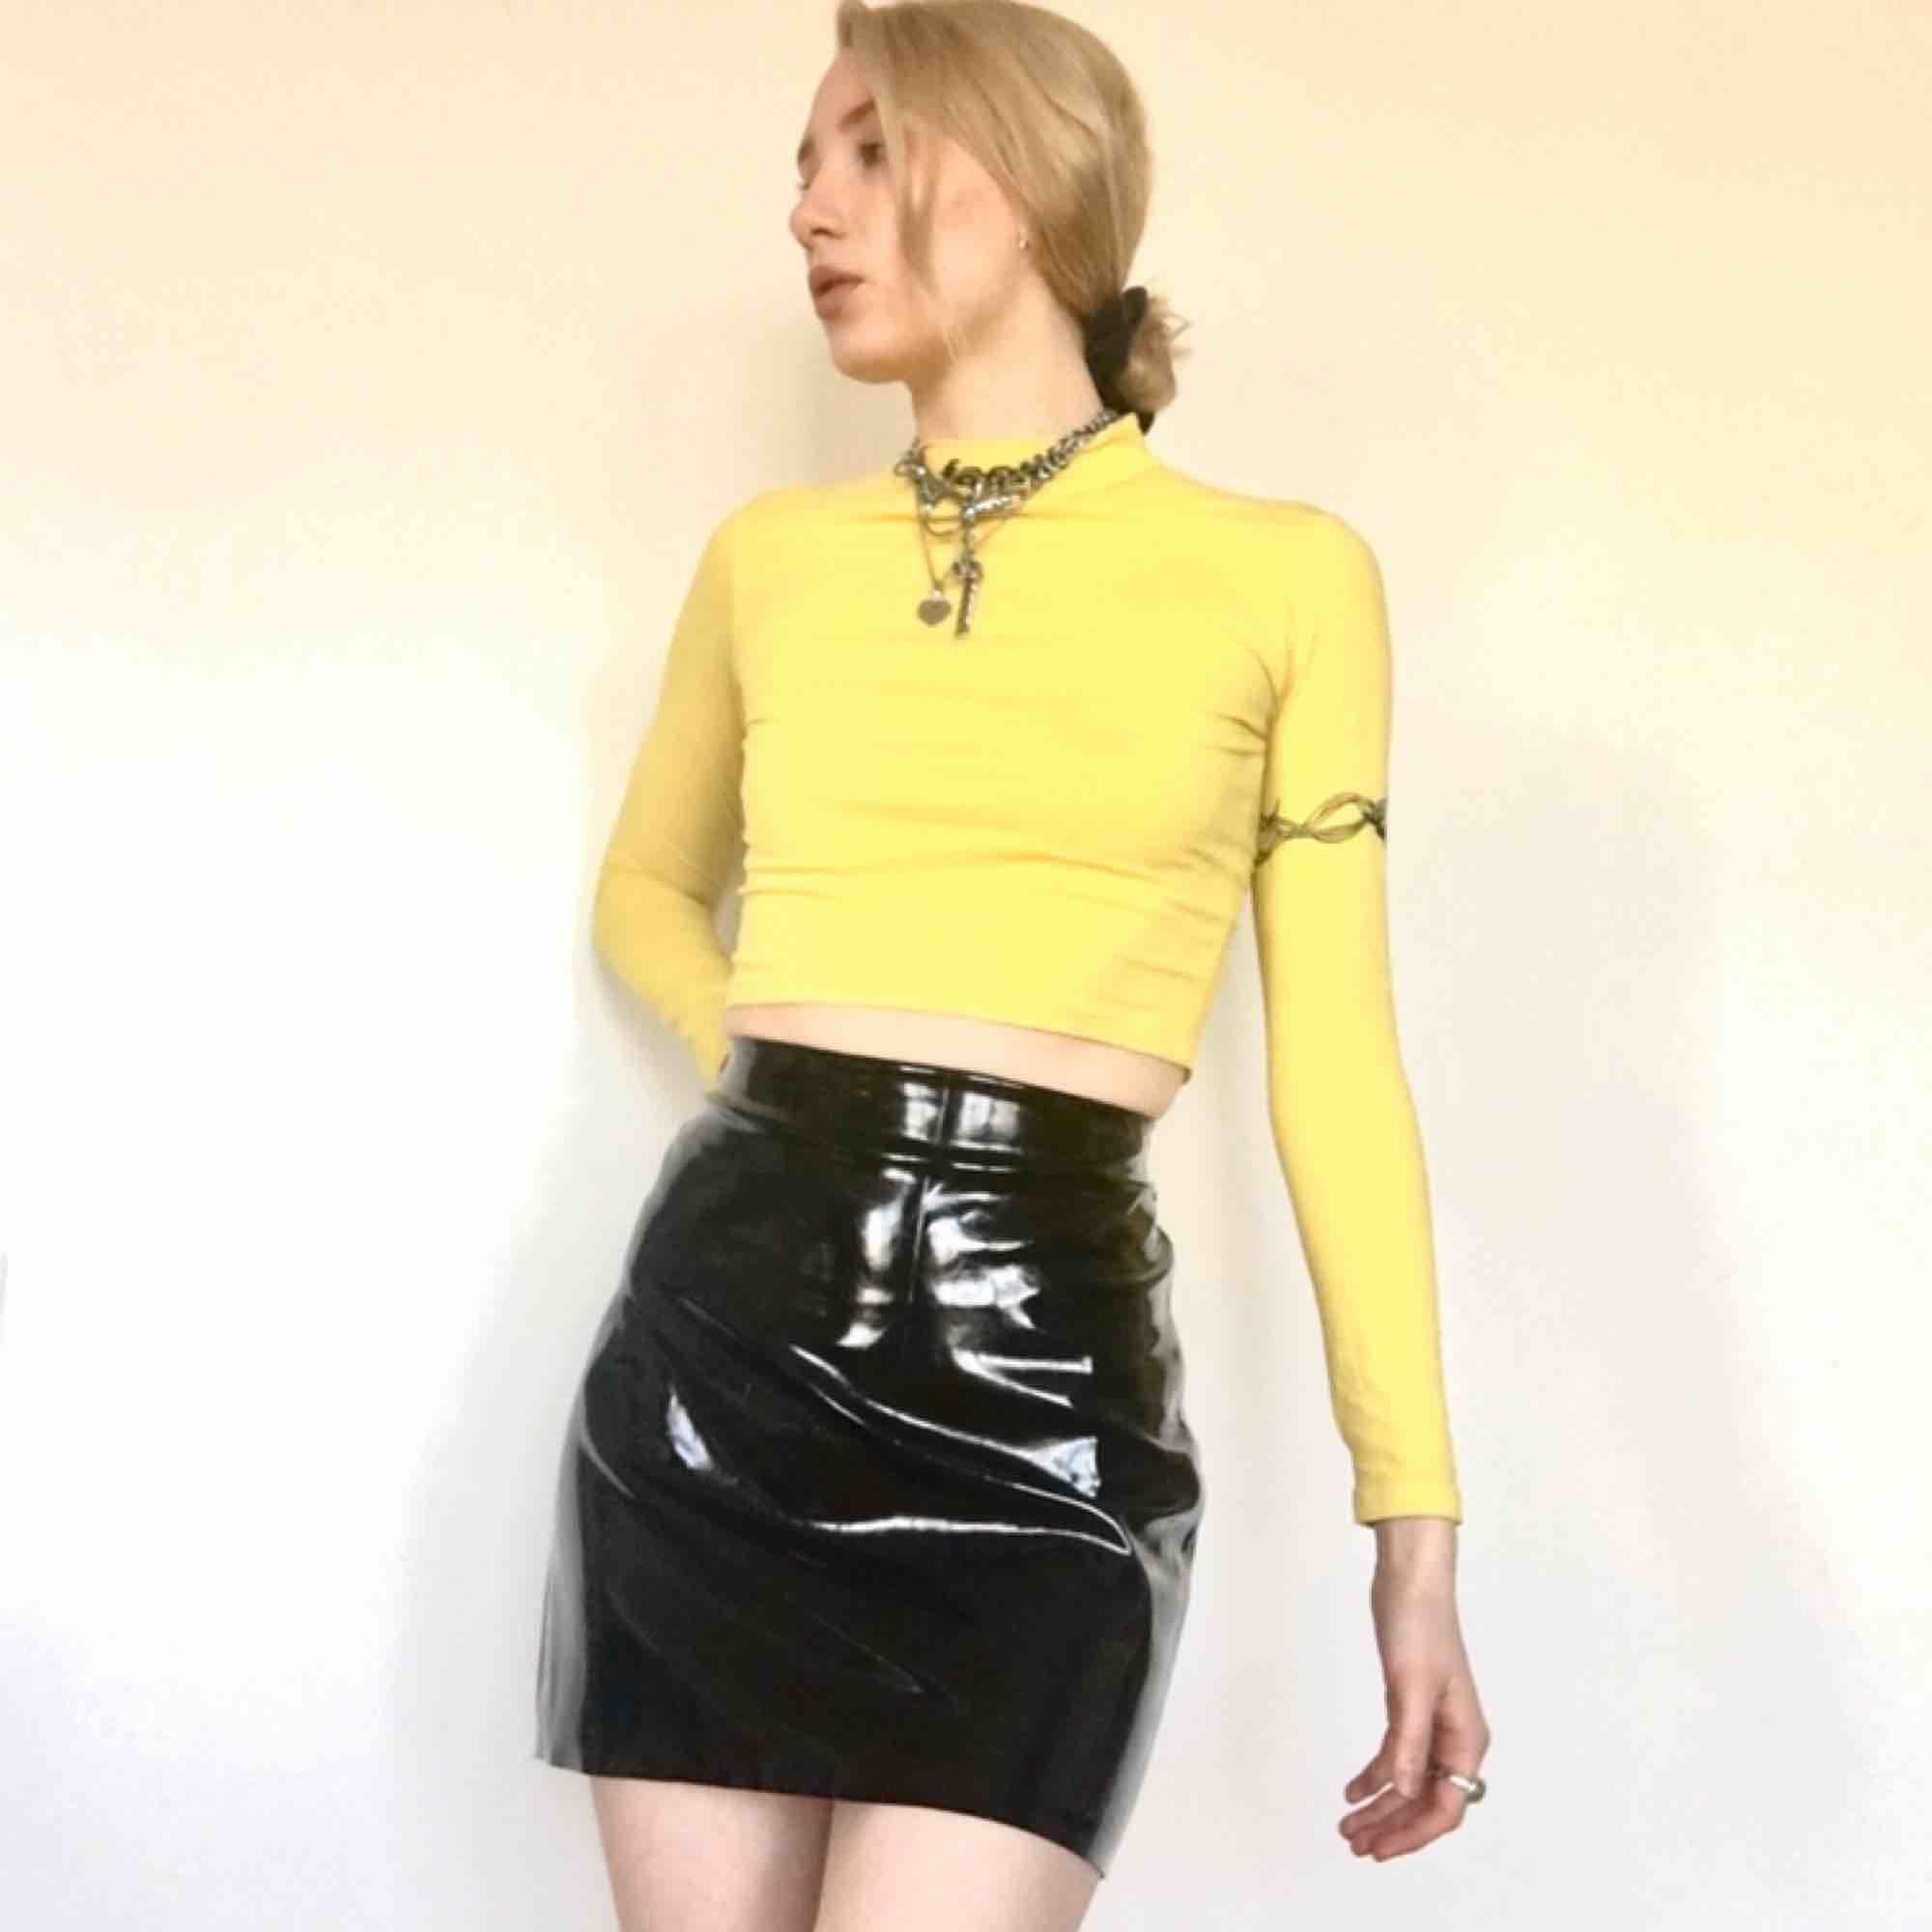 🍒LACK🍒 Sjuktfin lackkjol som varit med på galej som söker nytt hem. Strl:36 i fint skick. Kjolen är från H&M. Fin att styla till varma tröjor. Frakt tillkommer. Puss o k🍒. Kjolar.